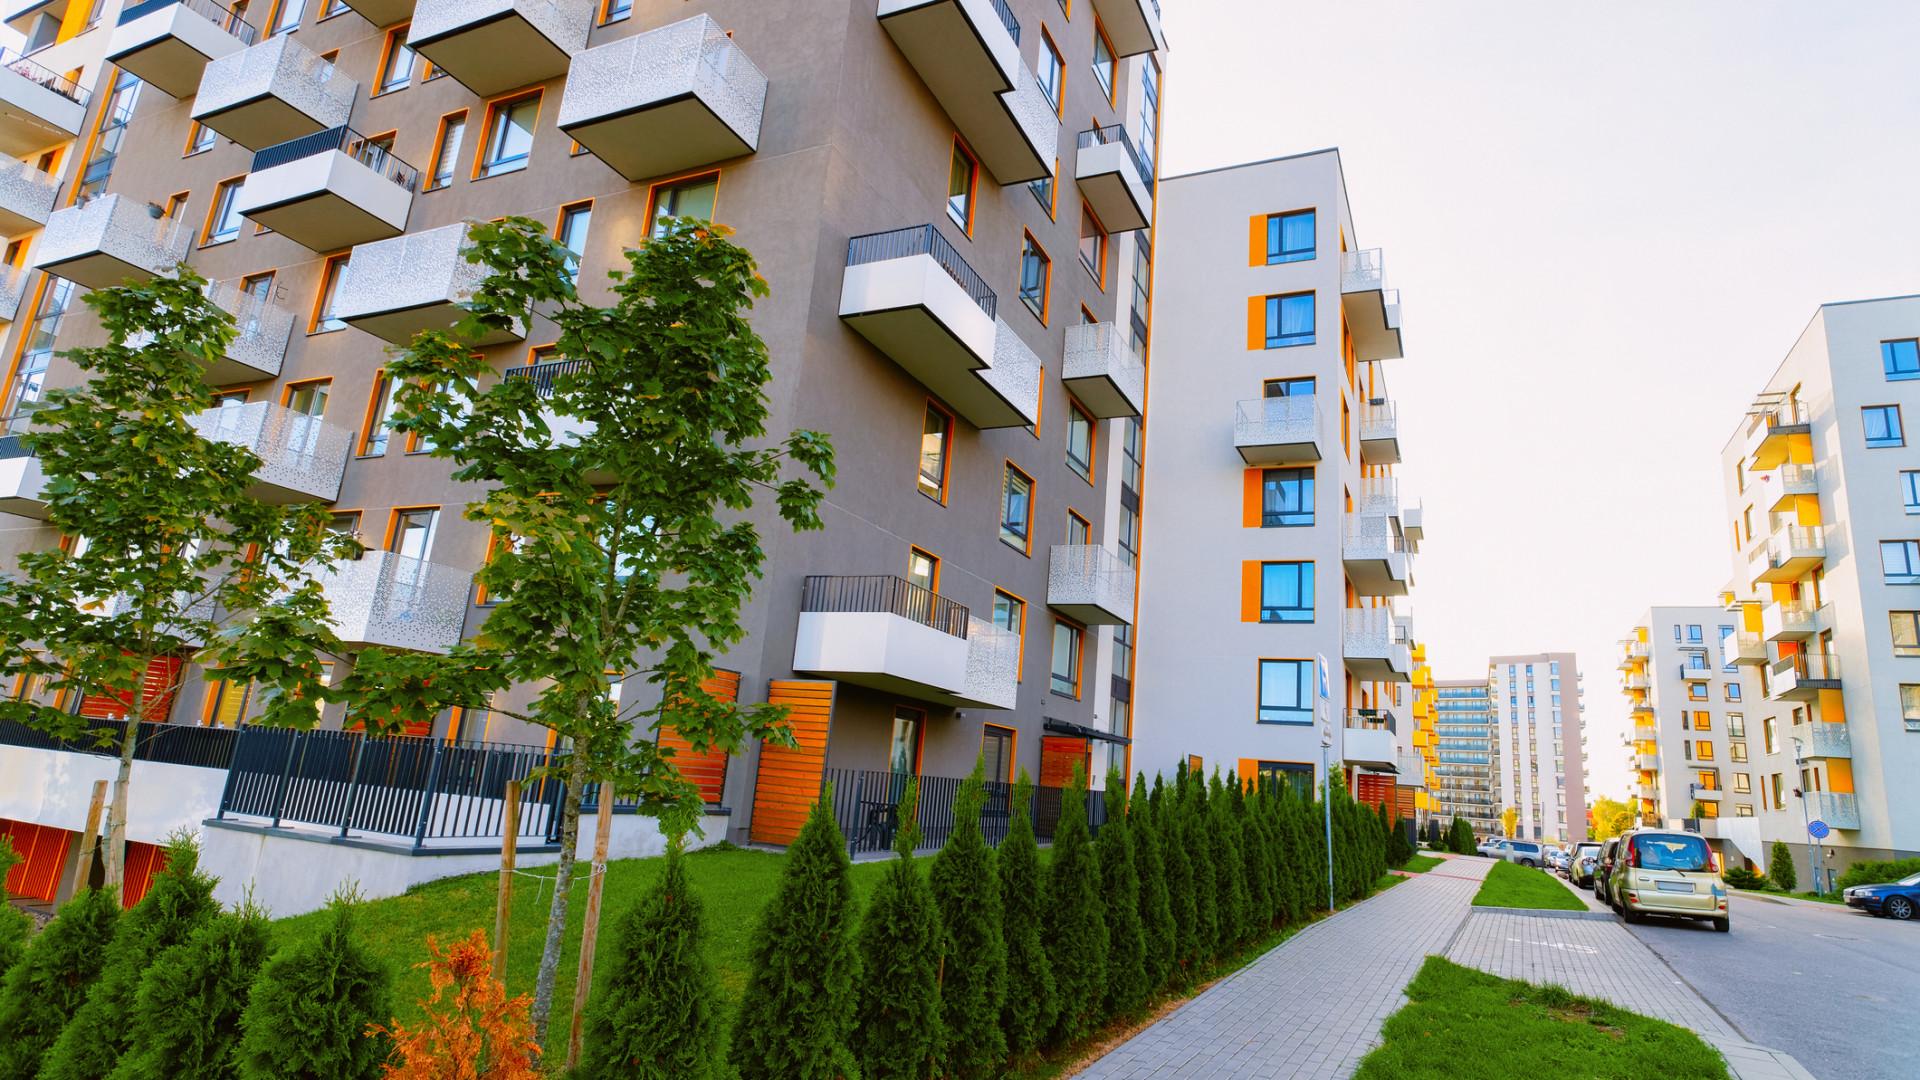 Megrohanták a vásárlók a hazai lakáspiacot - Kijöttek a nyár közepi számok